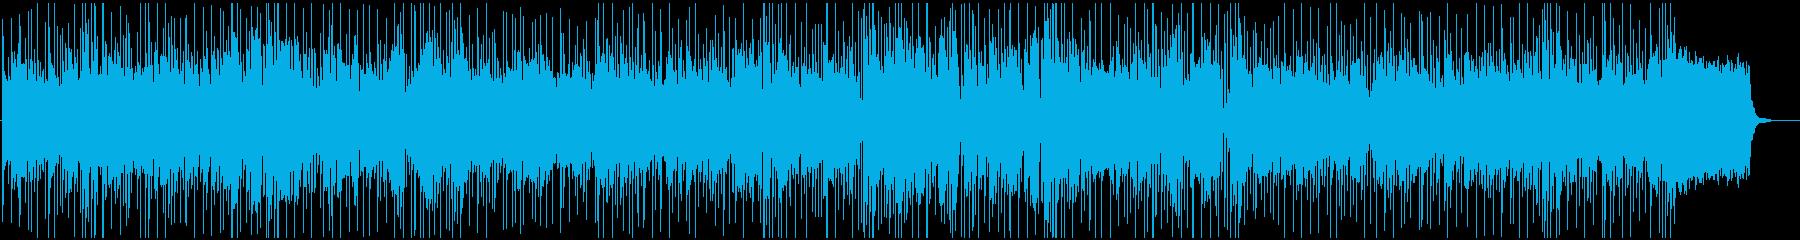 のんびりしたおしゃれなBGMの再生済みの波形